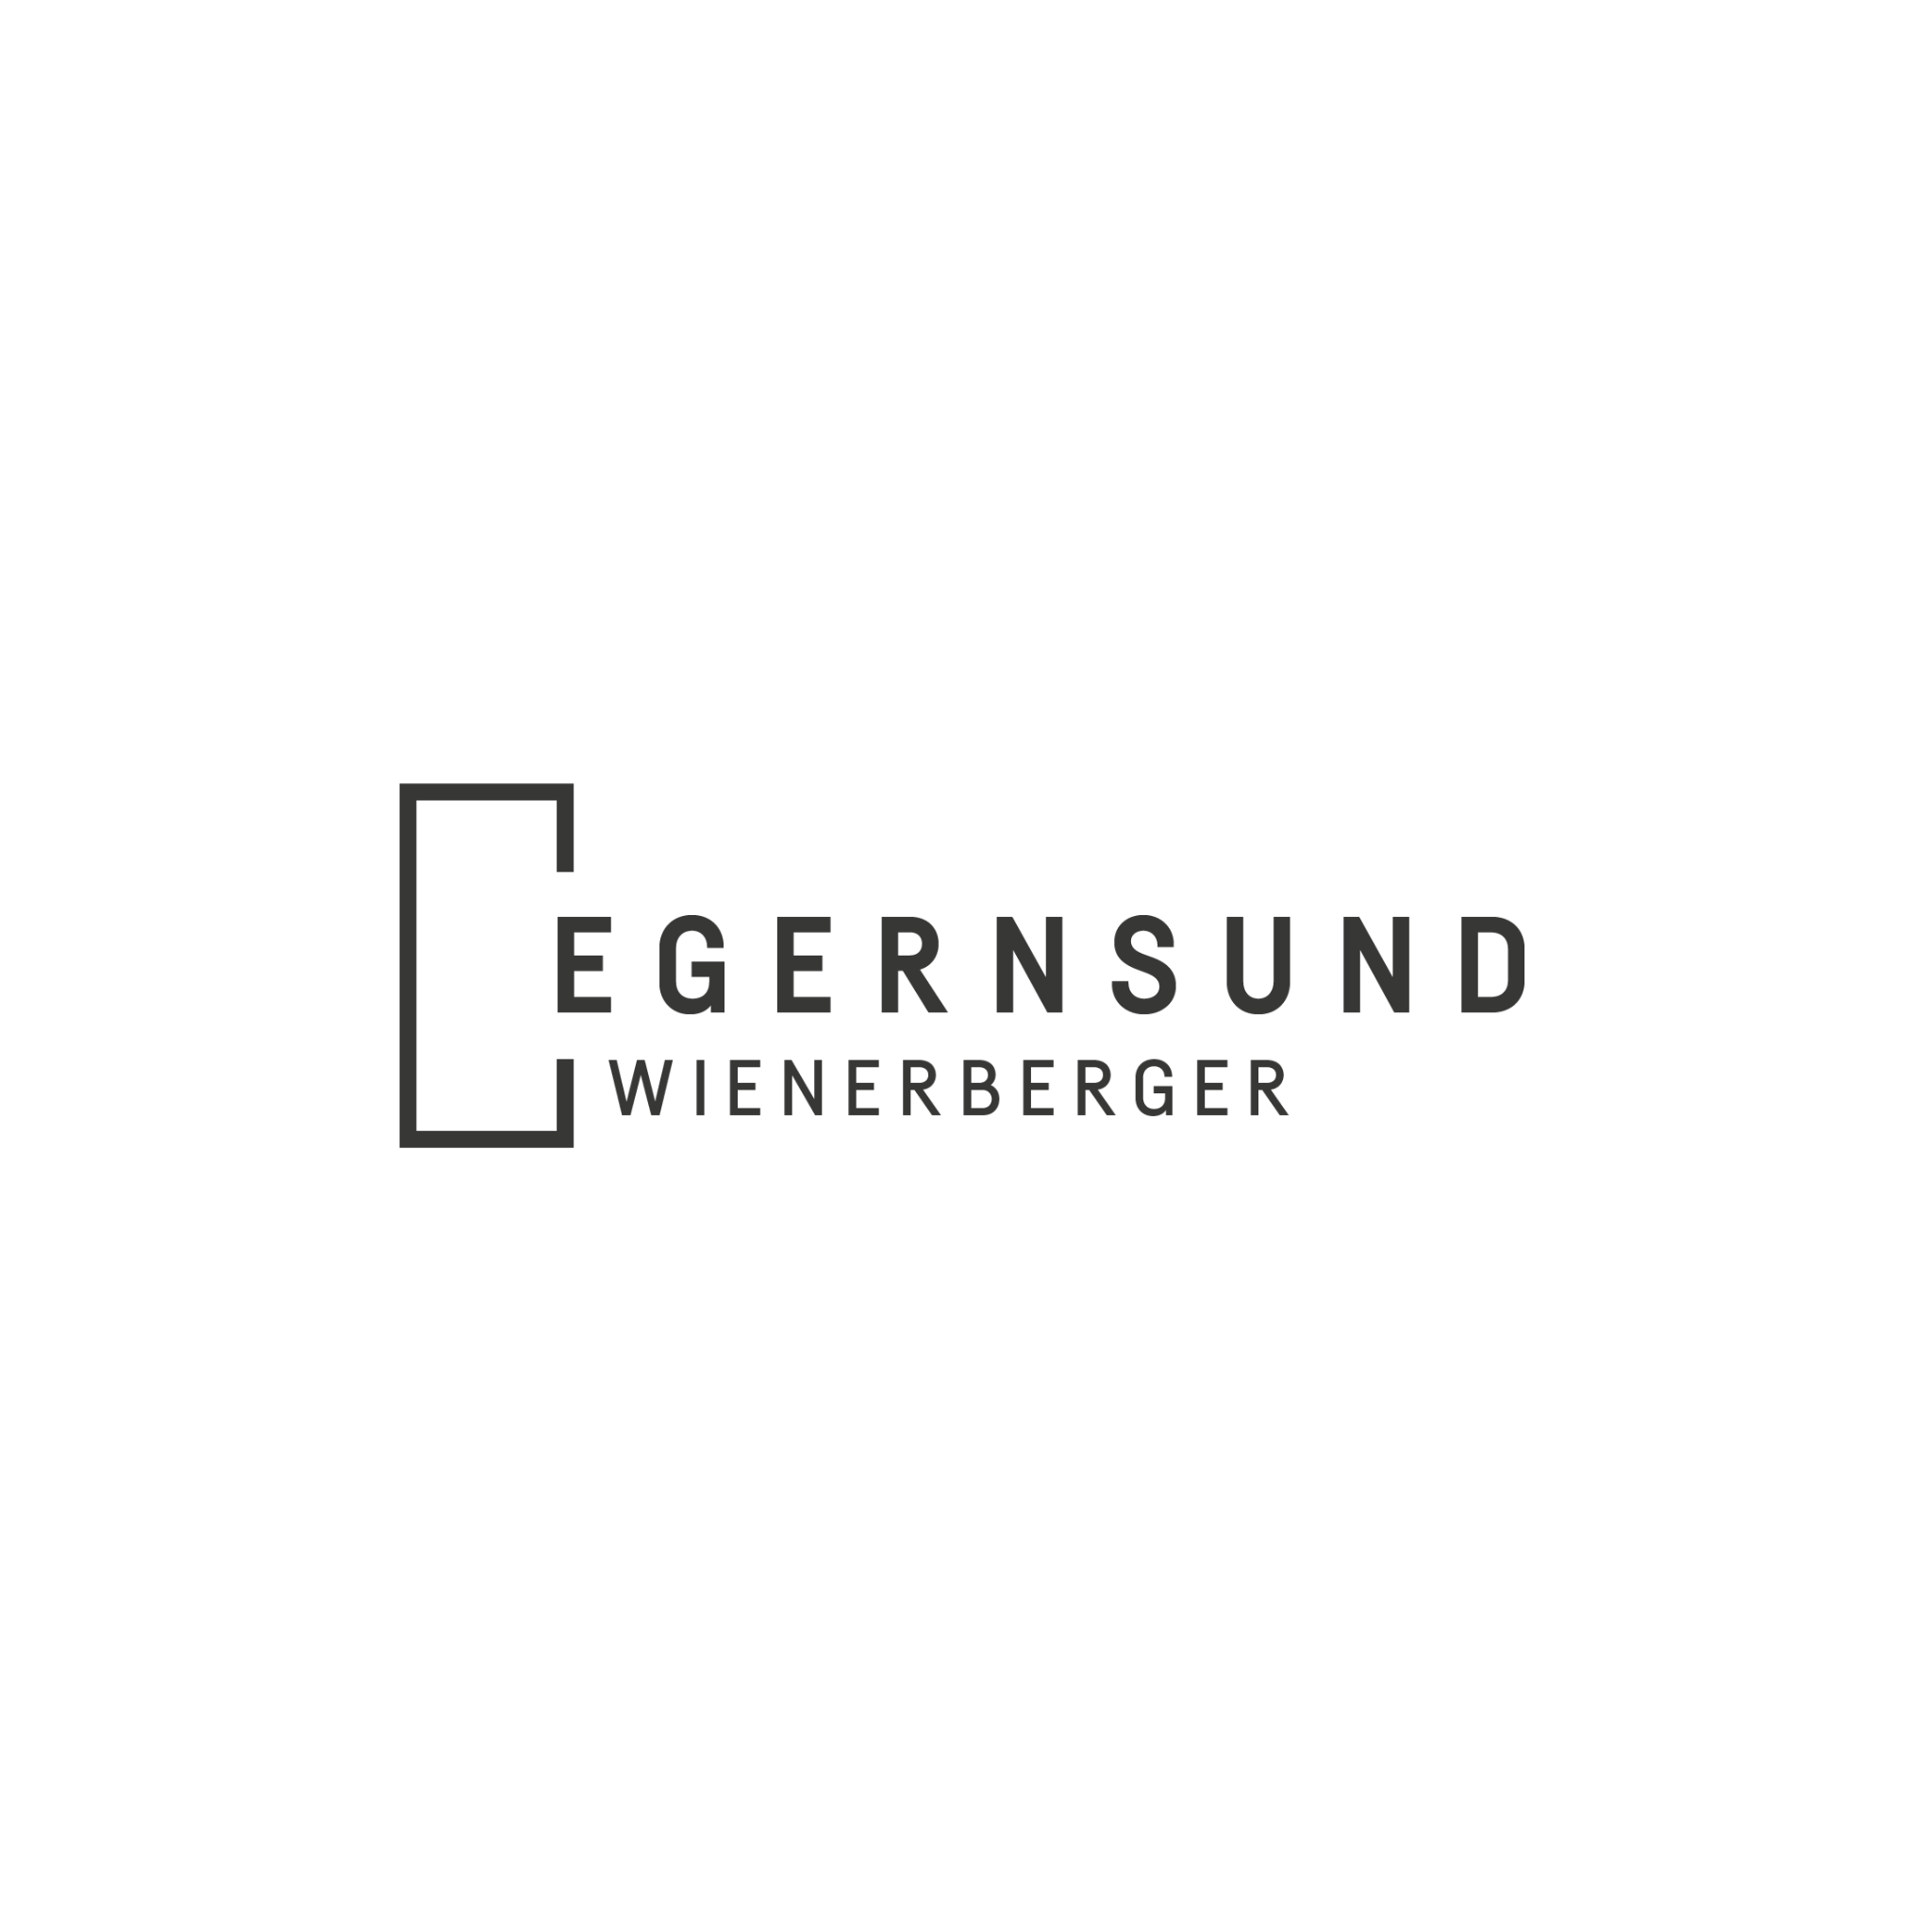 Egernsund Wienerberger